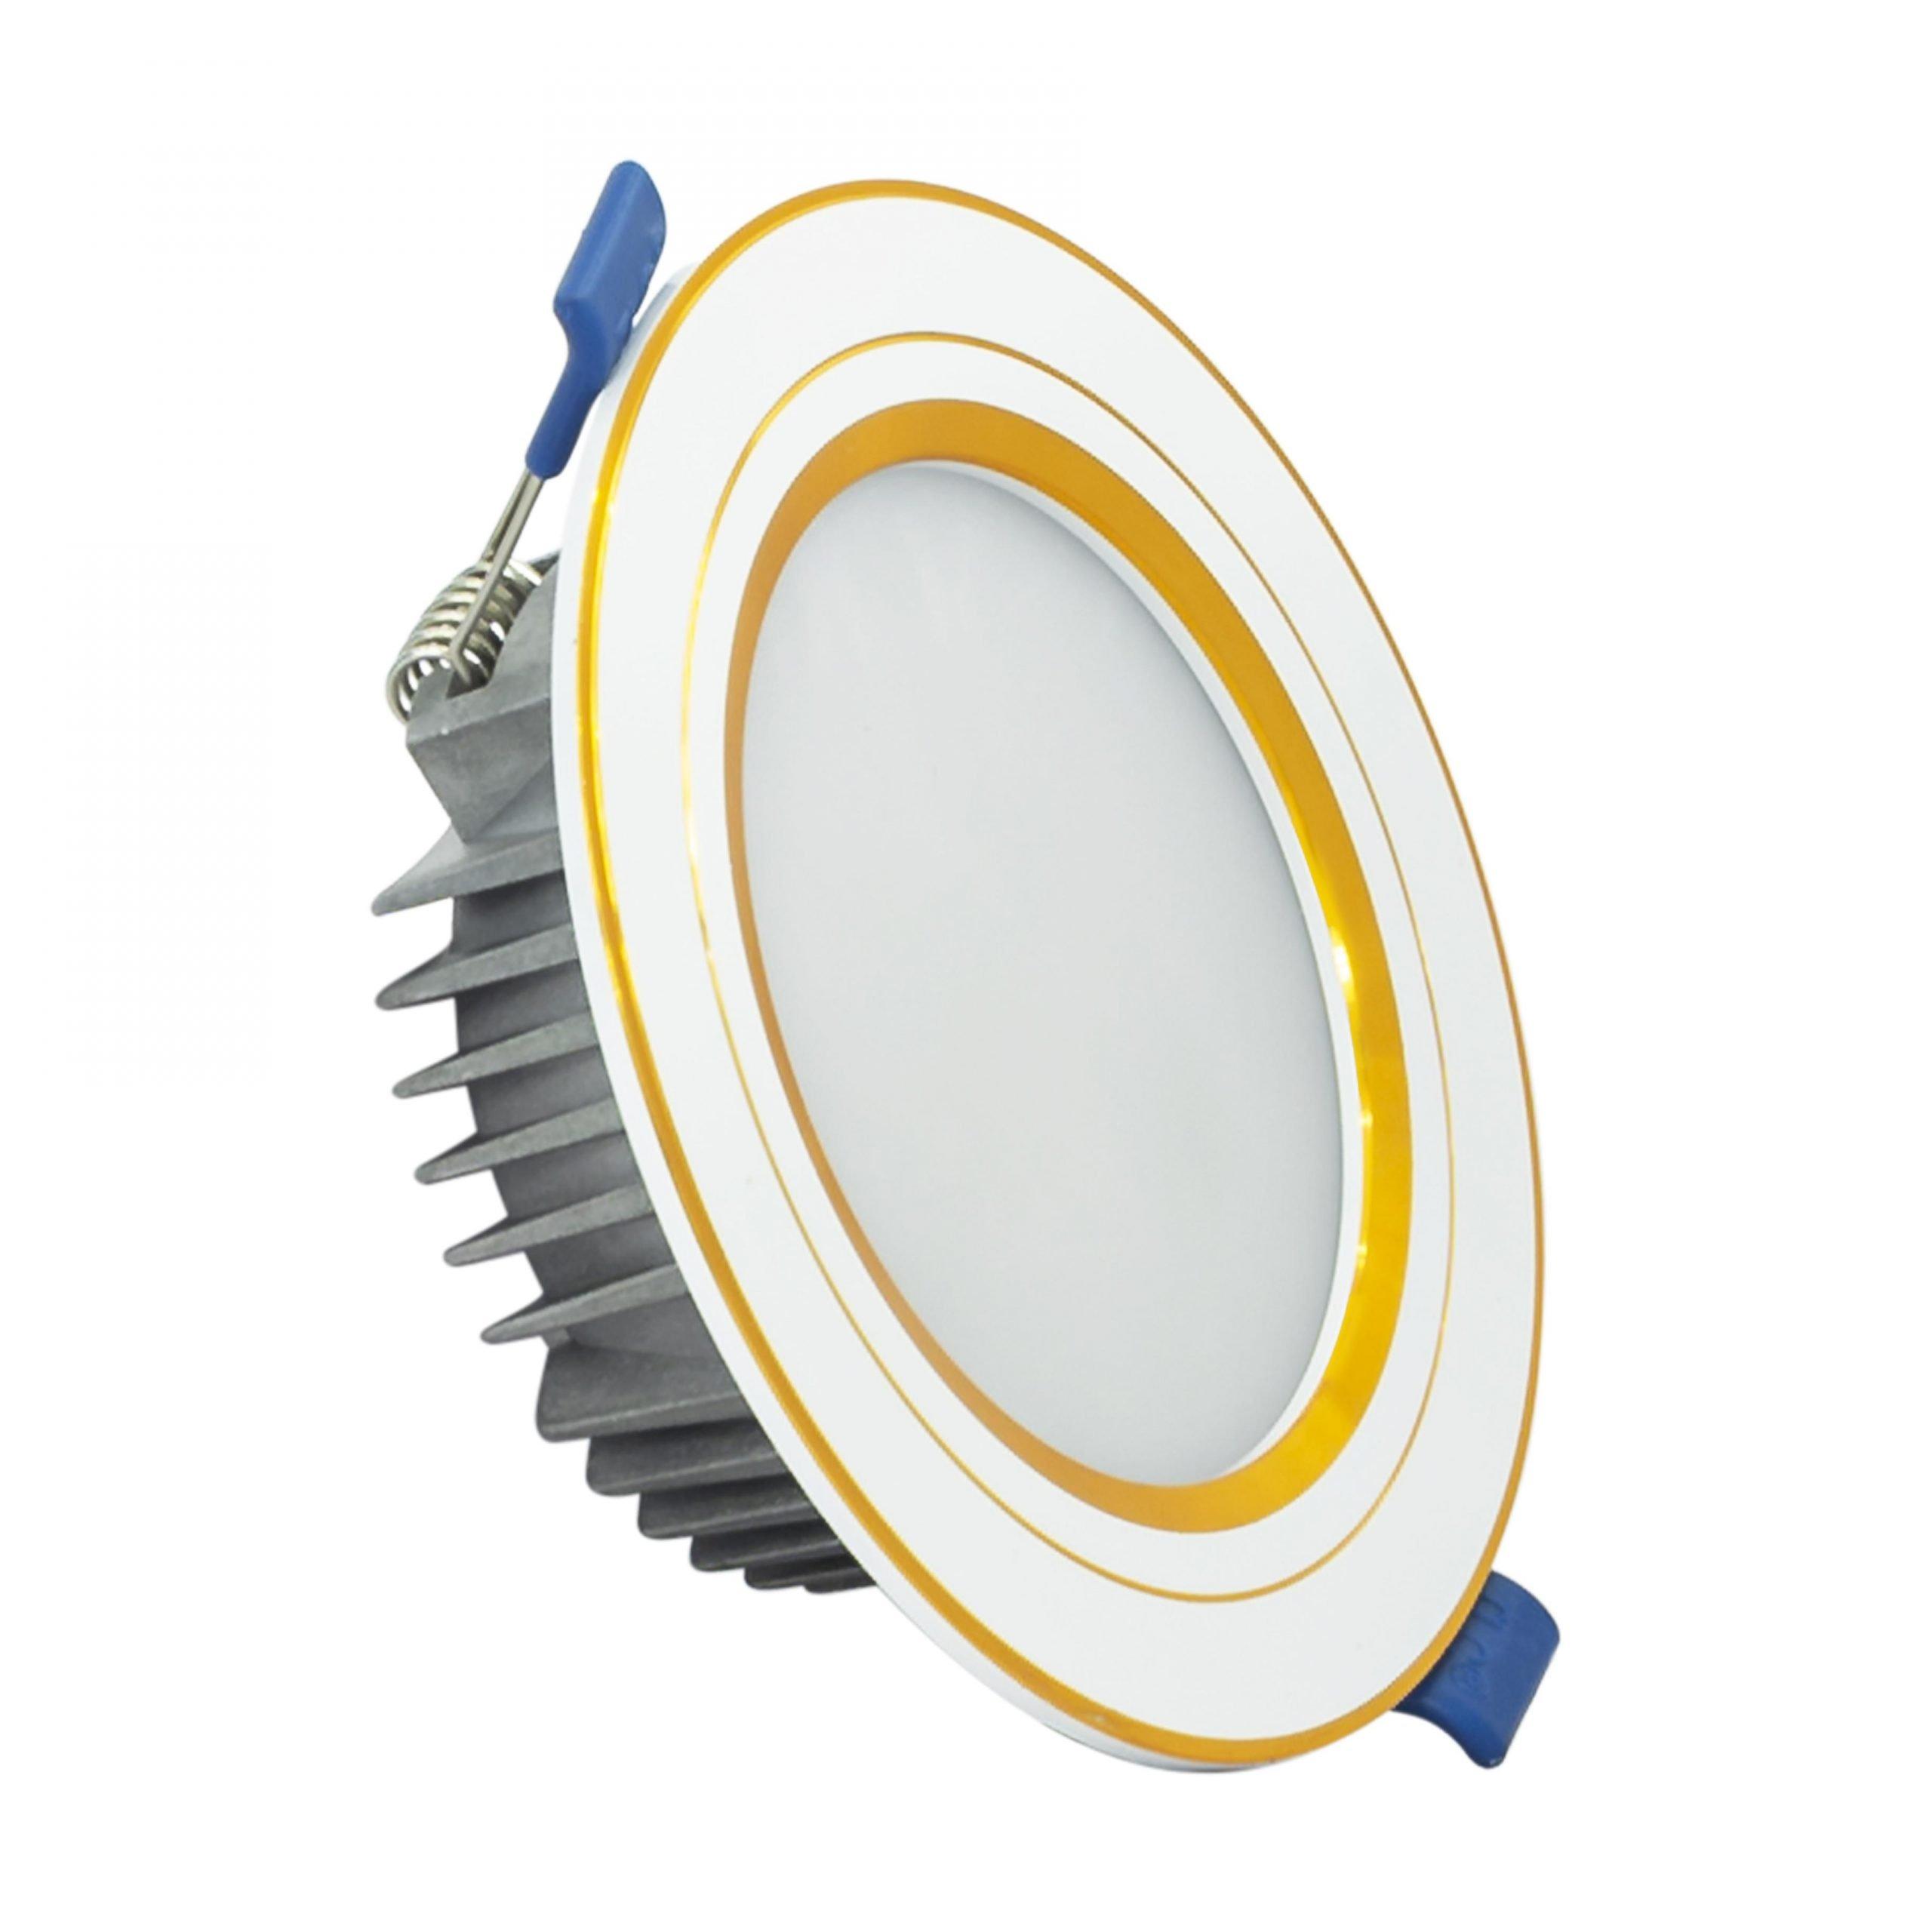 Đèn LED âm trần khối đúc TOS 7W ba màu viền vàng